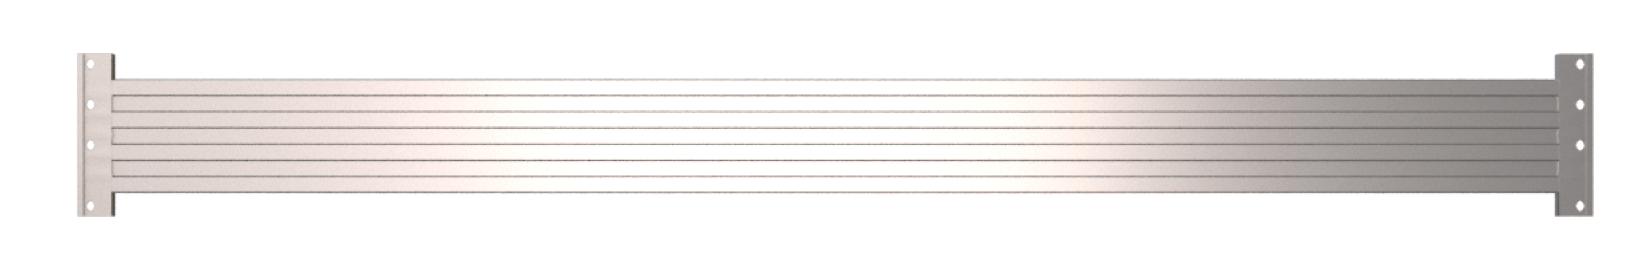 Pallereoler med galvaniseret rustfri overflade